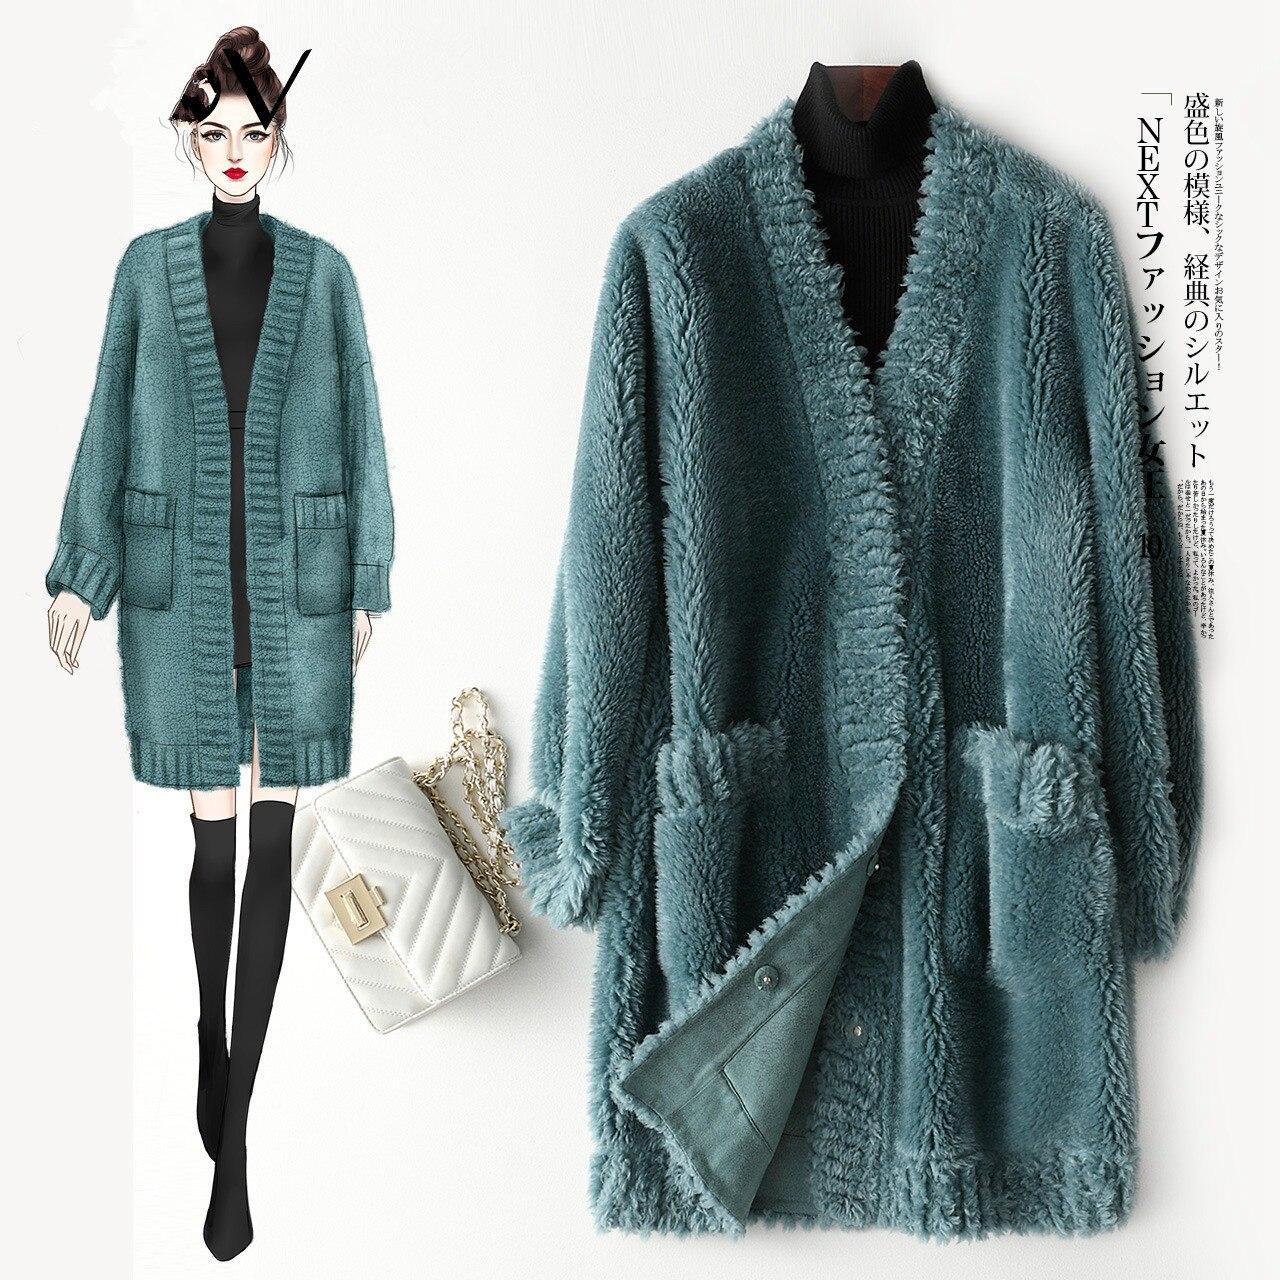 Sheep Real Shearling Fur Coat Female Wool Coats Winter Jacket Women Korean Long Jackets For Women Outwear Veste Femme MY S S